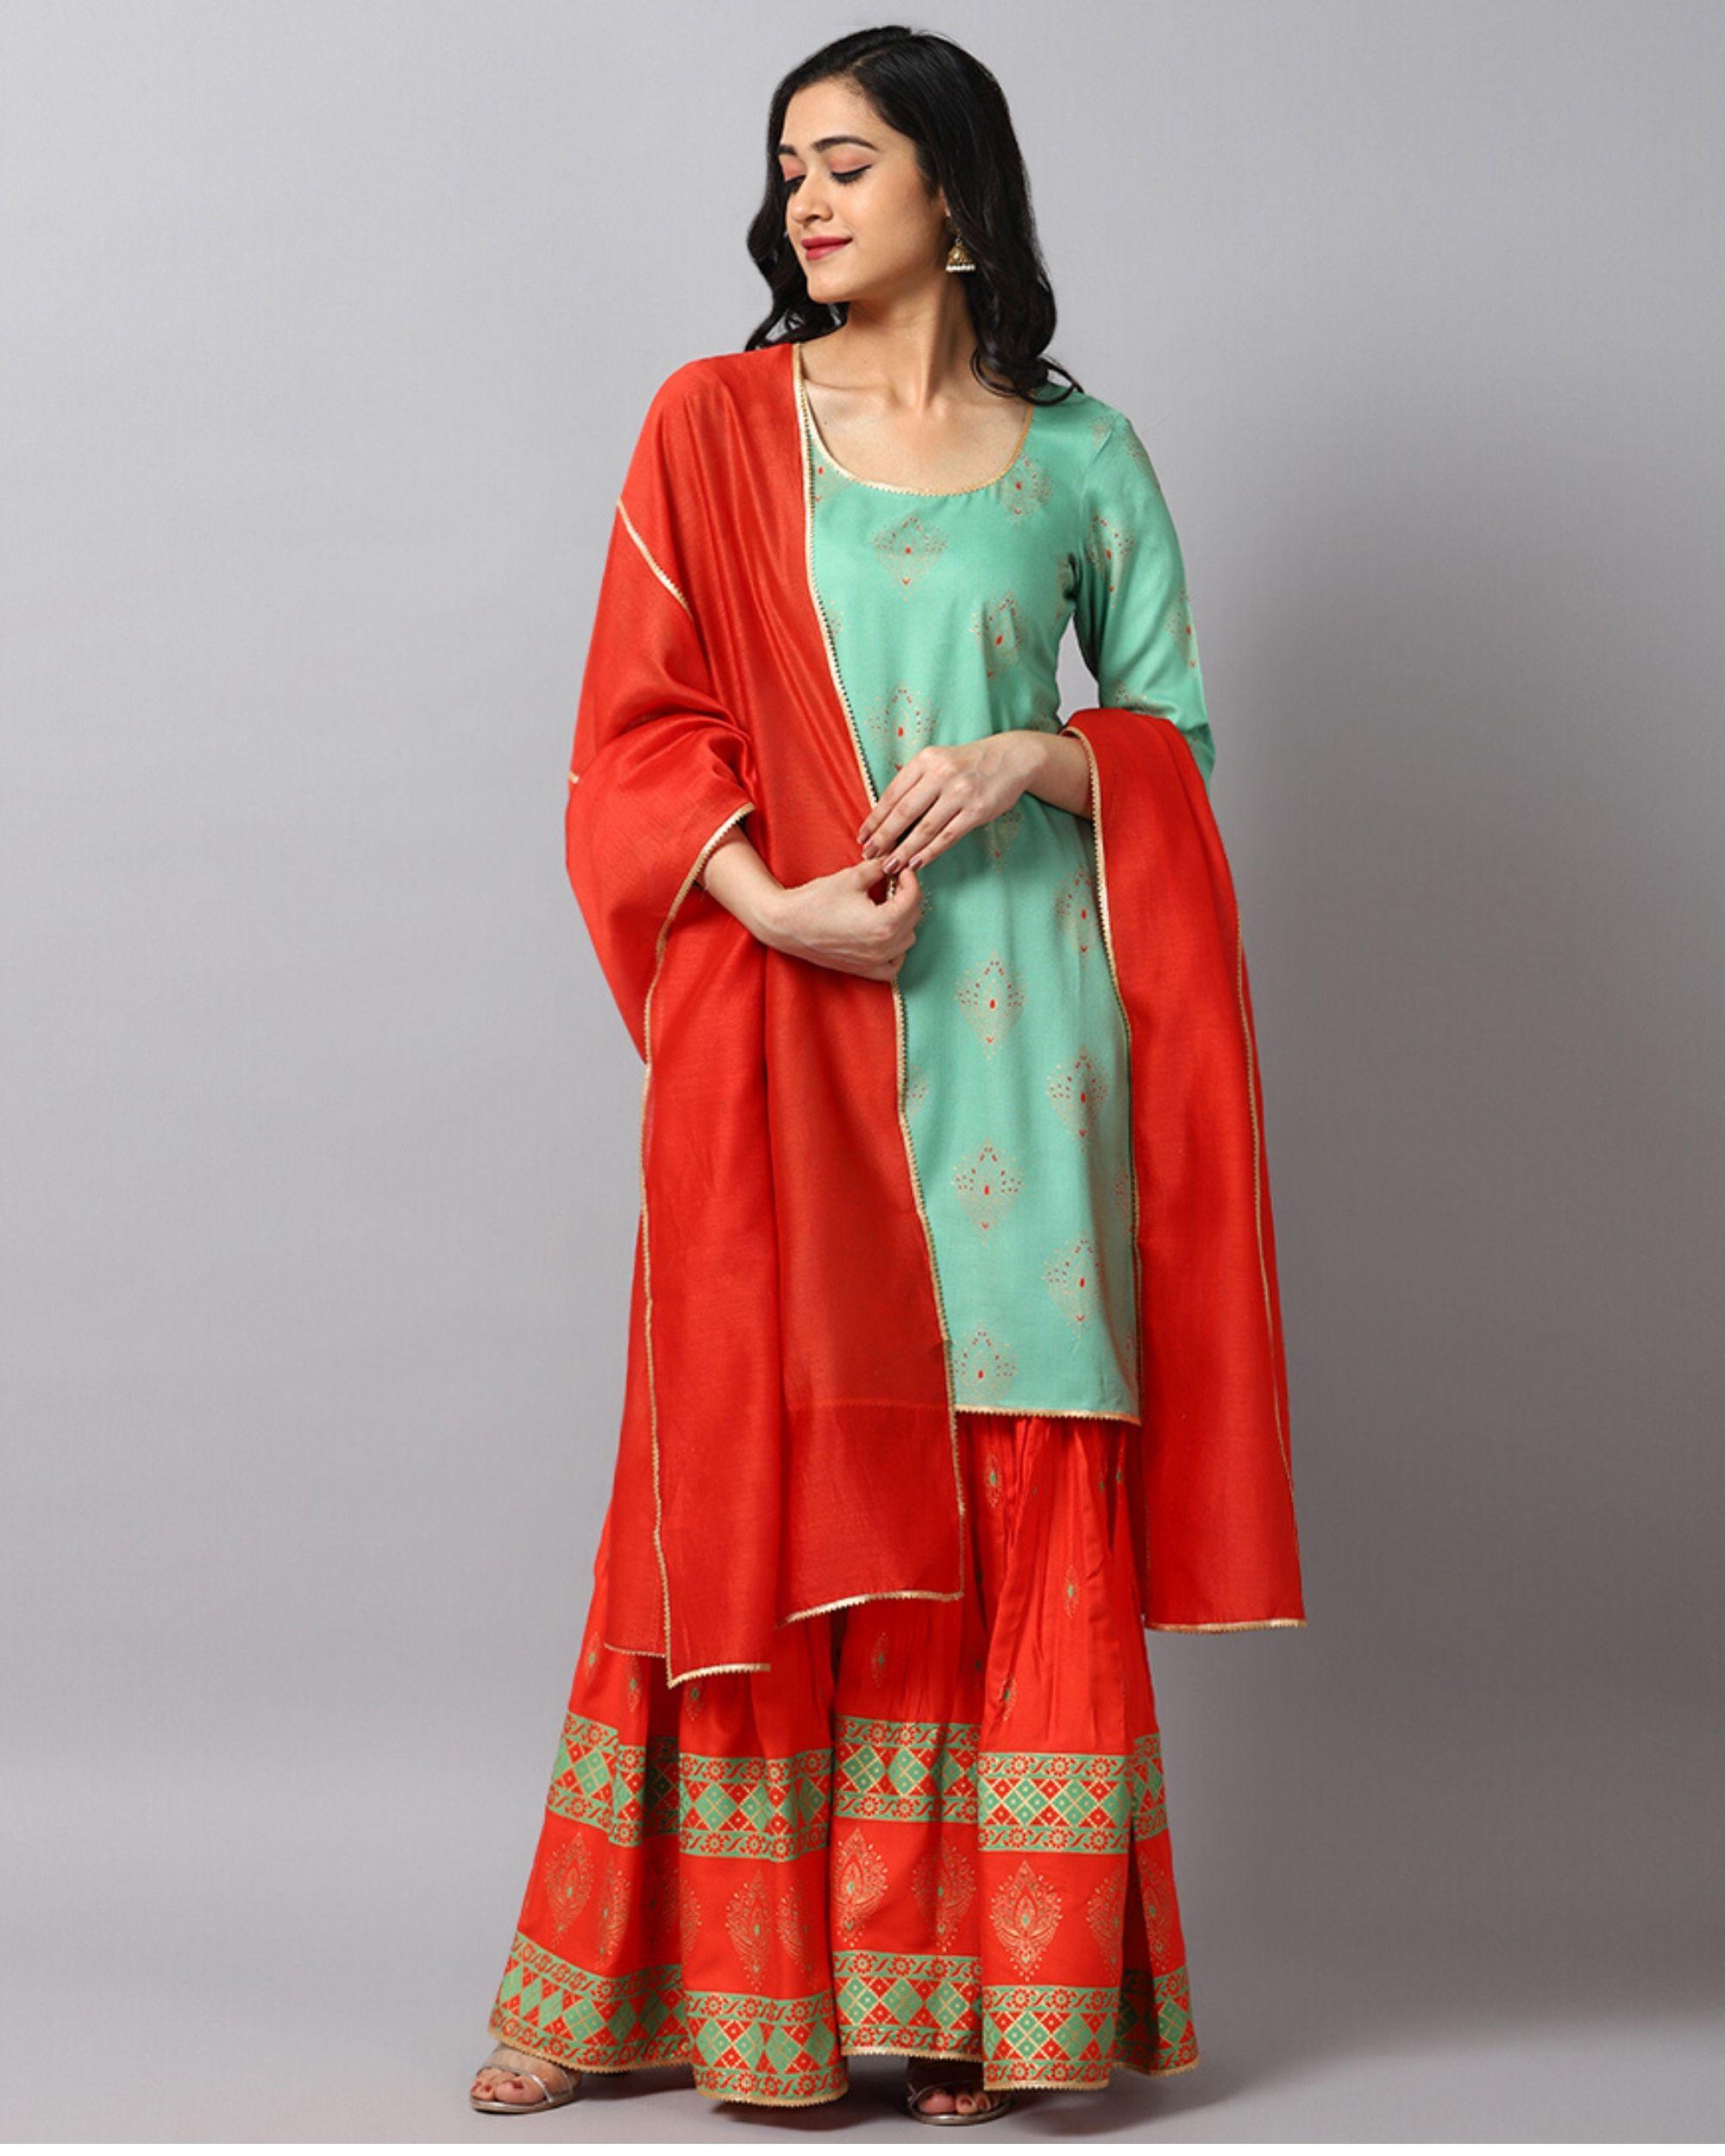 Turquoise printed gota kurta and gharara with red dupatta- Set Of Three